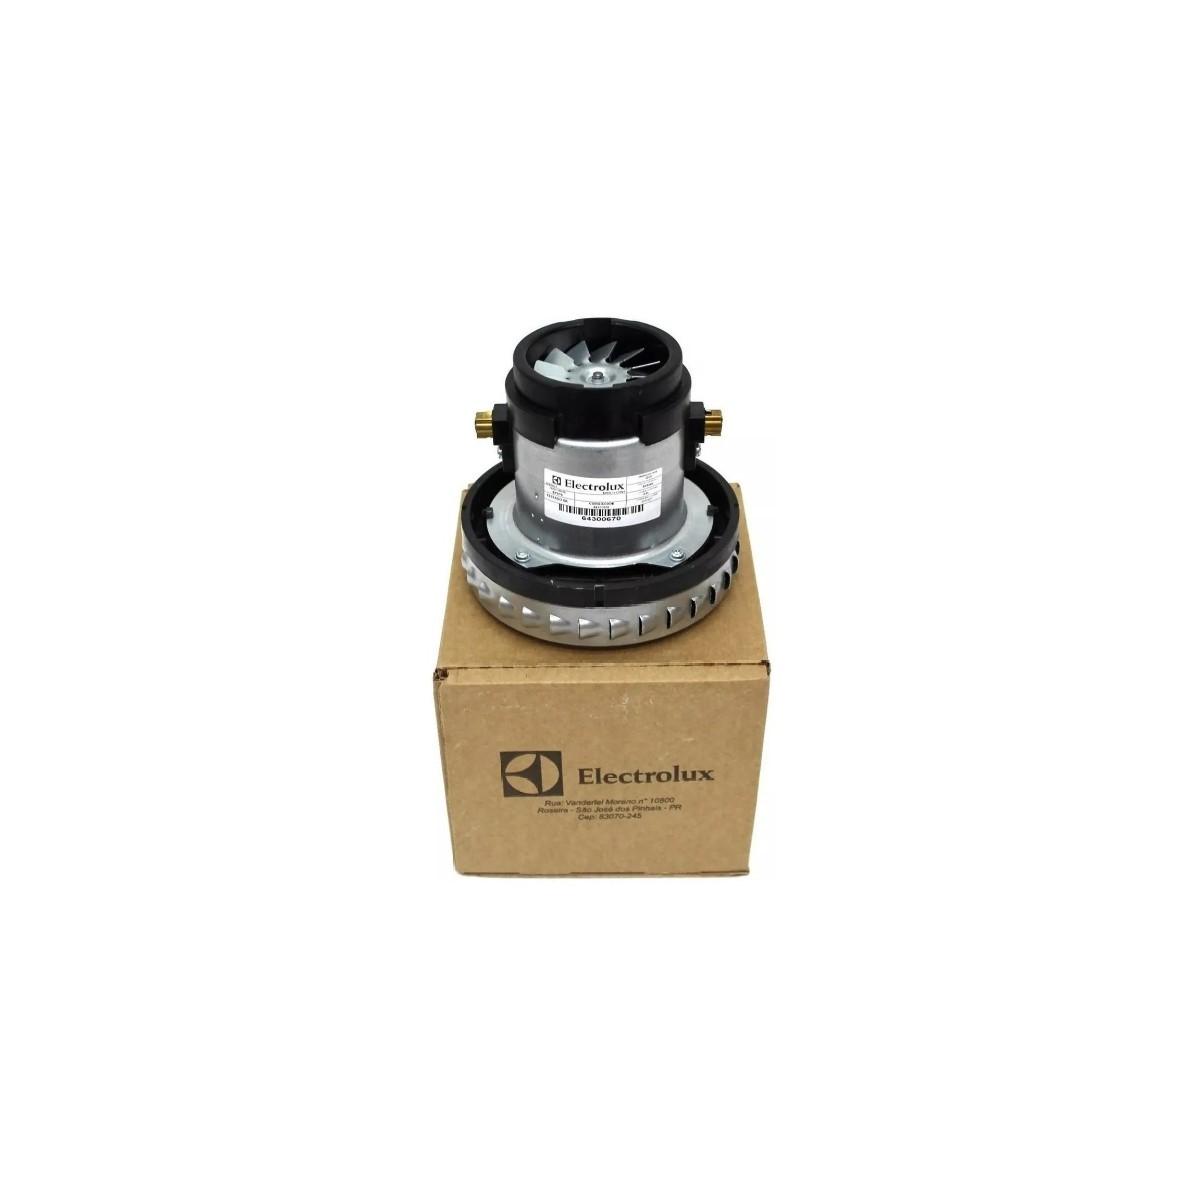 Motor Aspirador Electrolux A10 Bps1s 127v 64300670 antigo original